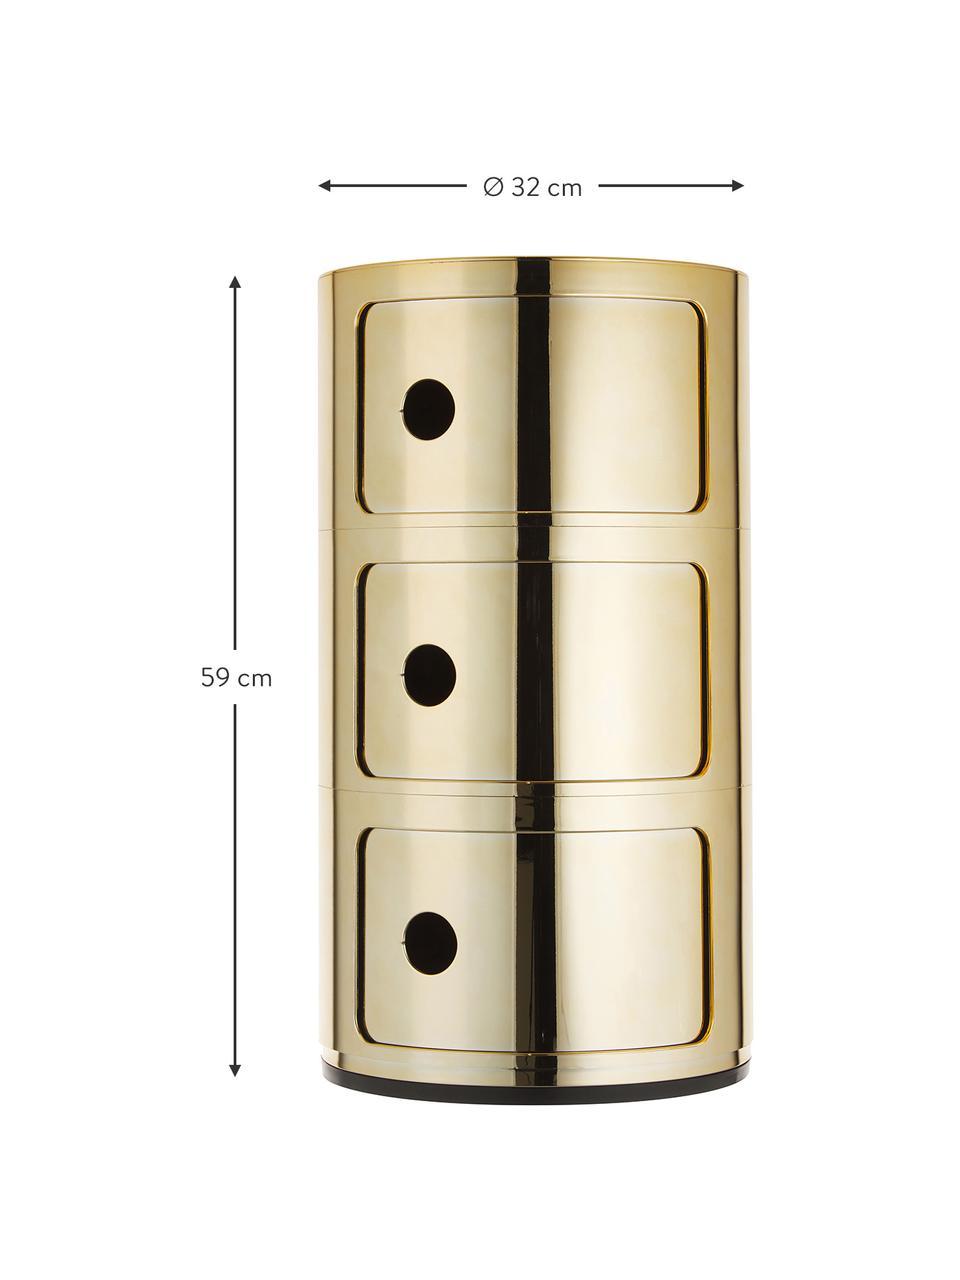 Design bijzettafel Componibile, 3 vakken, Gelakt kunststof (ABS), Goudkleurig, Ø 32 x H 59 cm